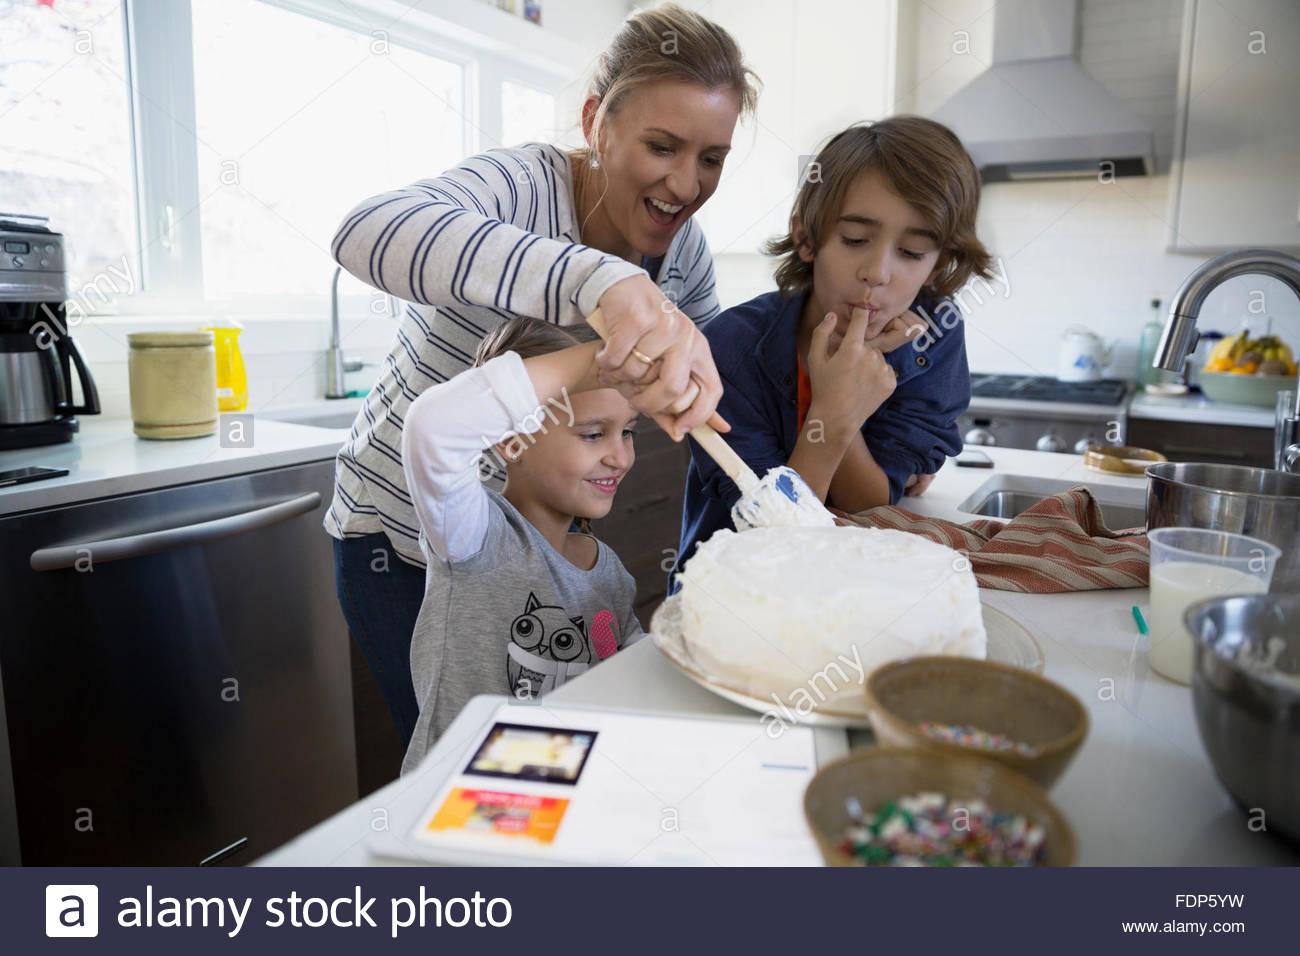 Hornear pasteles en la cocina familiar foto imagen de for Cocina familiar